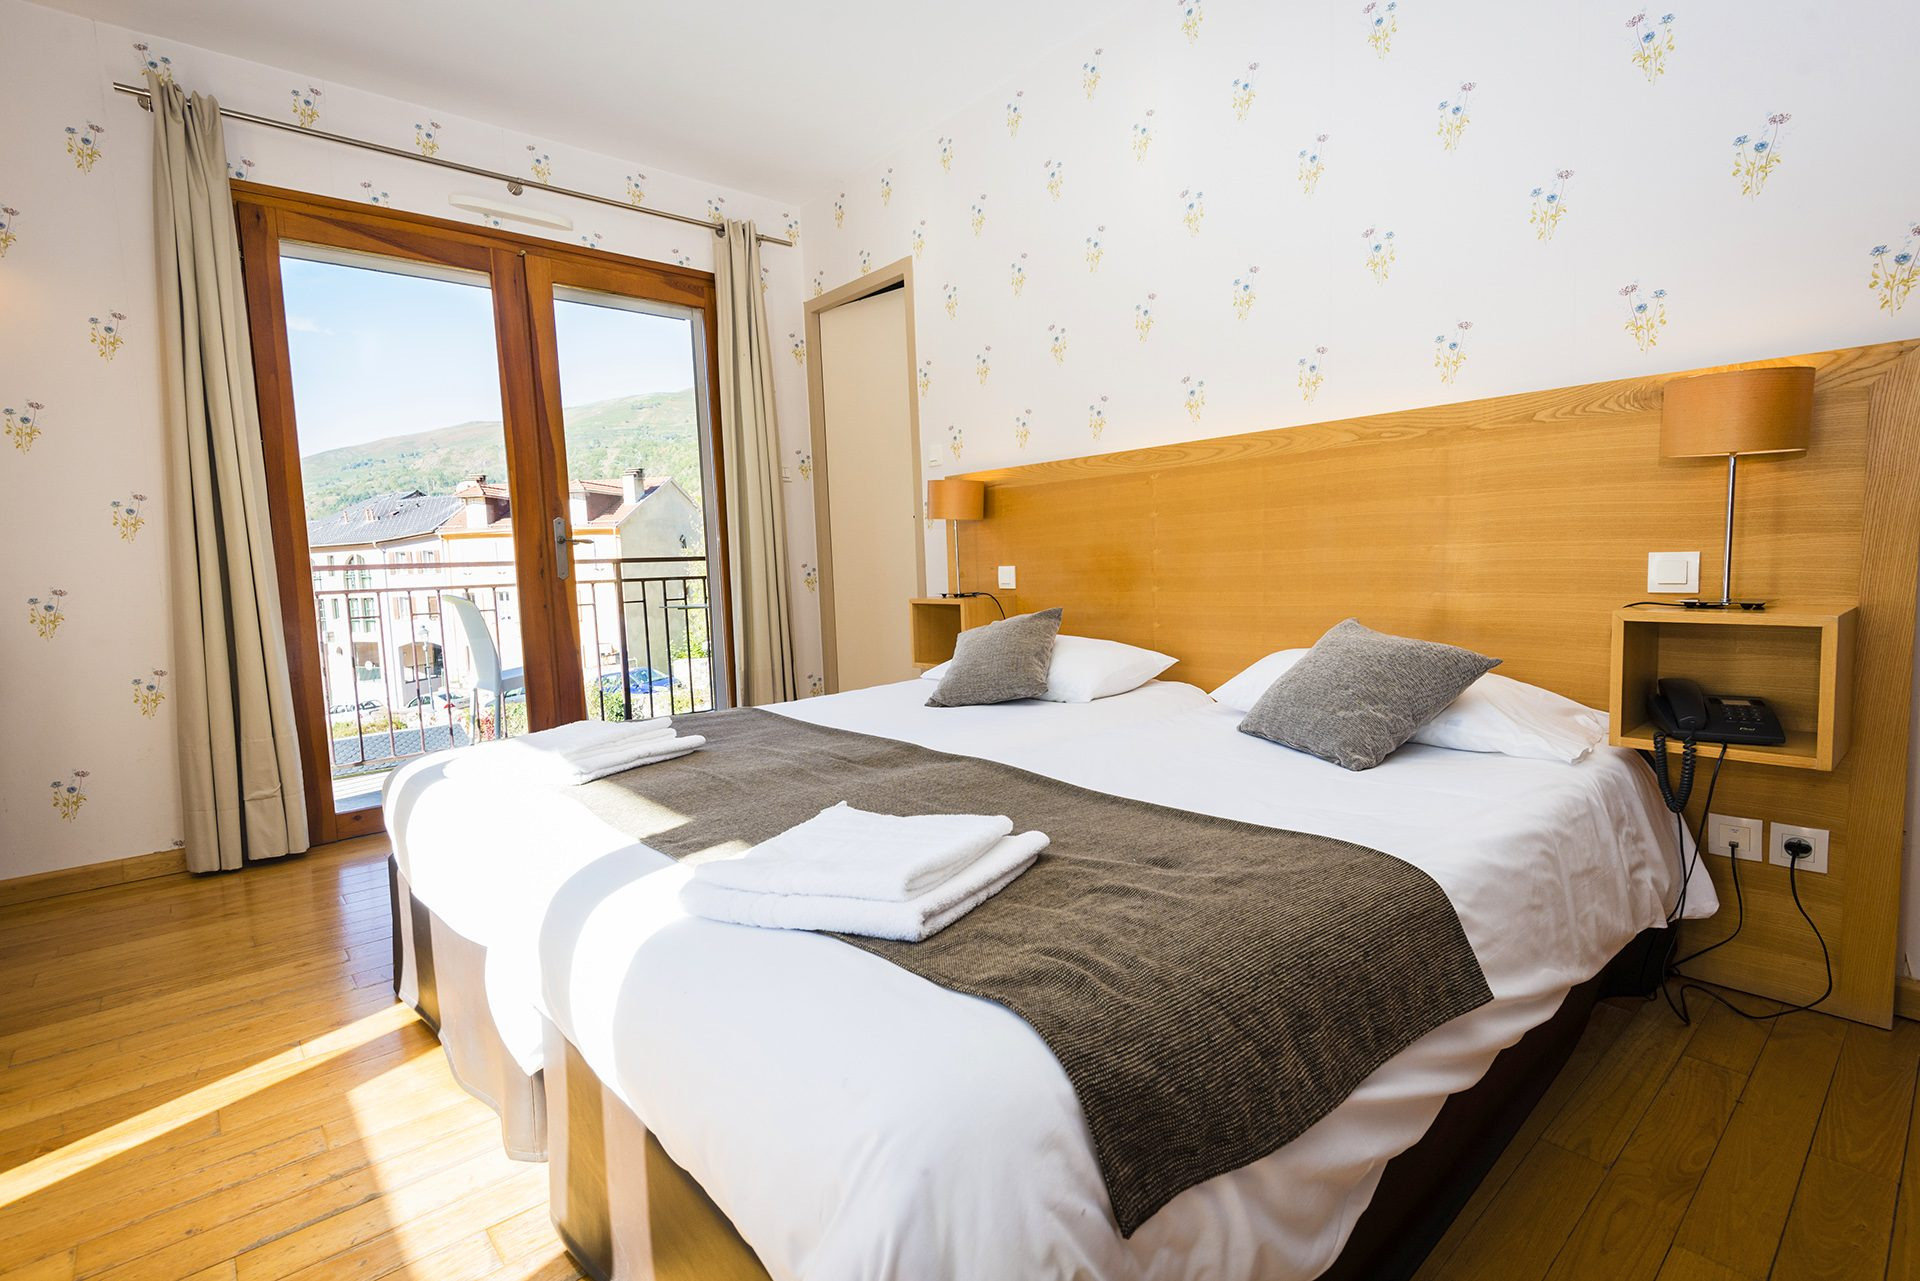 Chambre Junior Prestige - Hôtel le Chalet à Ax les Thermes en Ariège Pyrénées